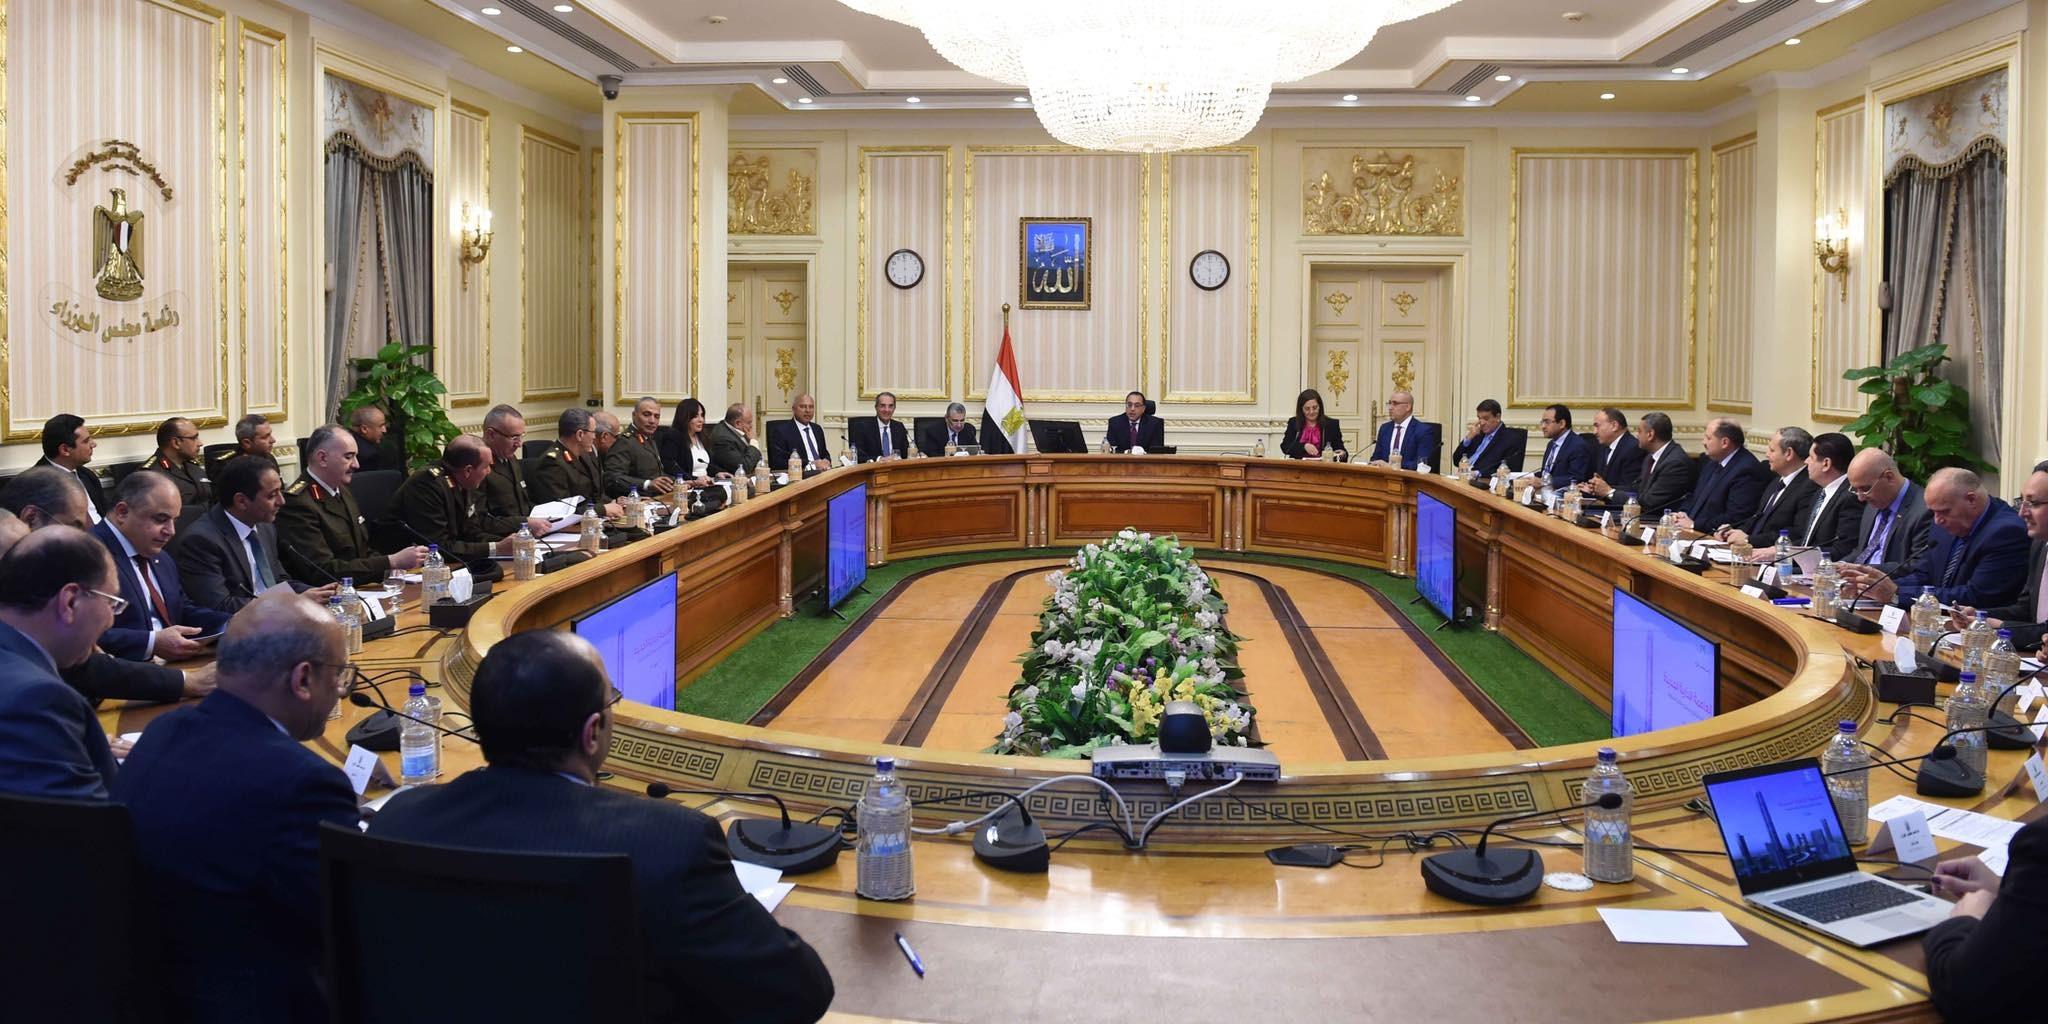 مجلس الوزراء بصدد تحديد القطاعات المستحقة لتقسيط الضريبة قبل نهاية أبريل